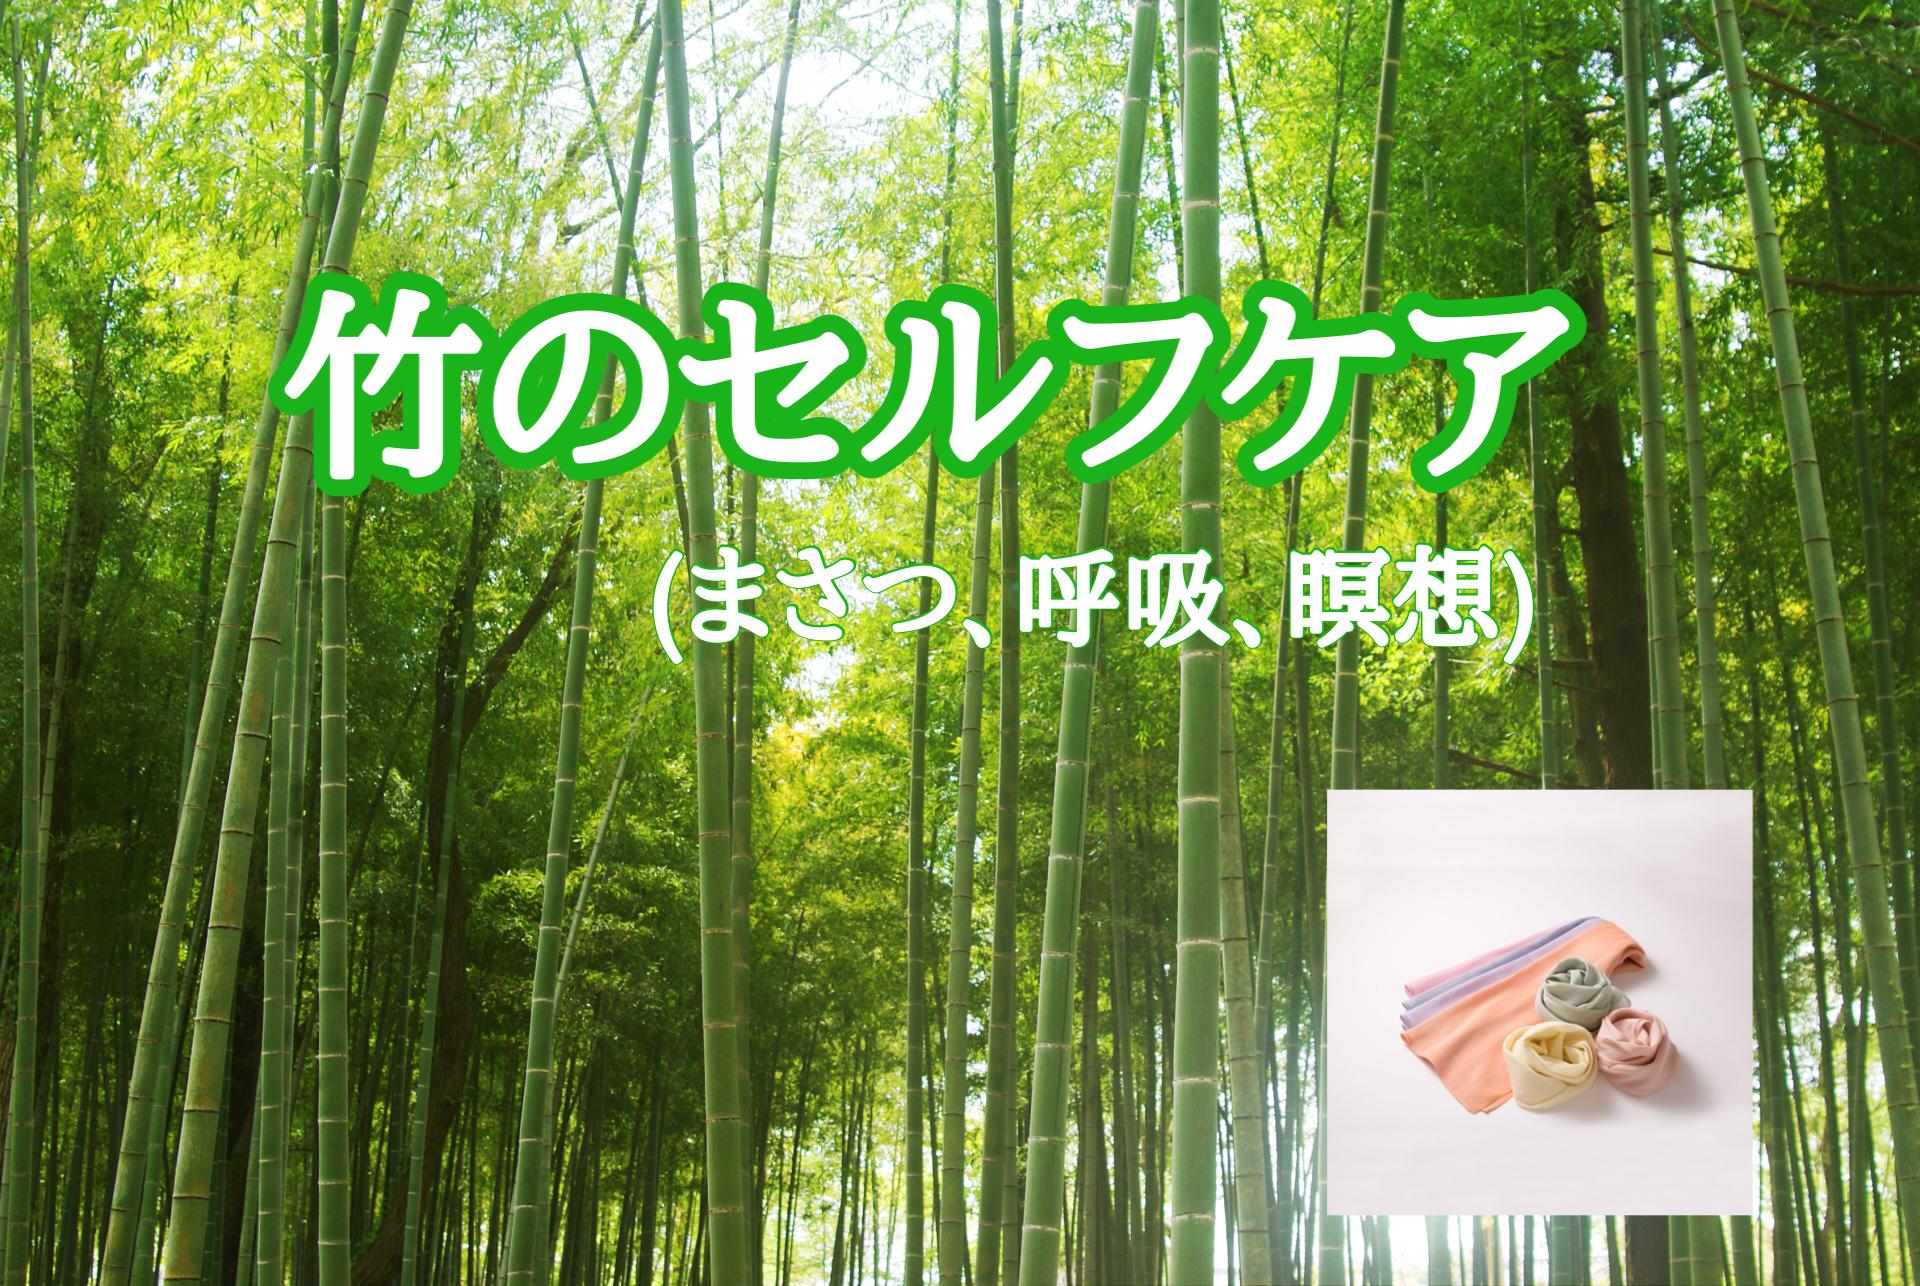 竹のセルフケアご感想&次回日程